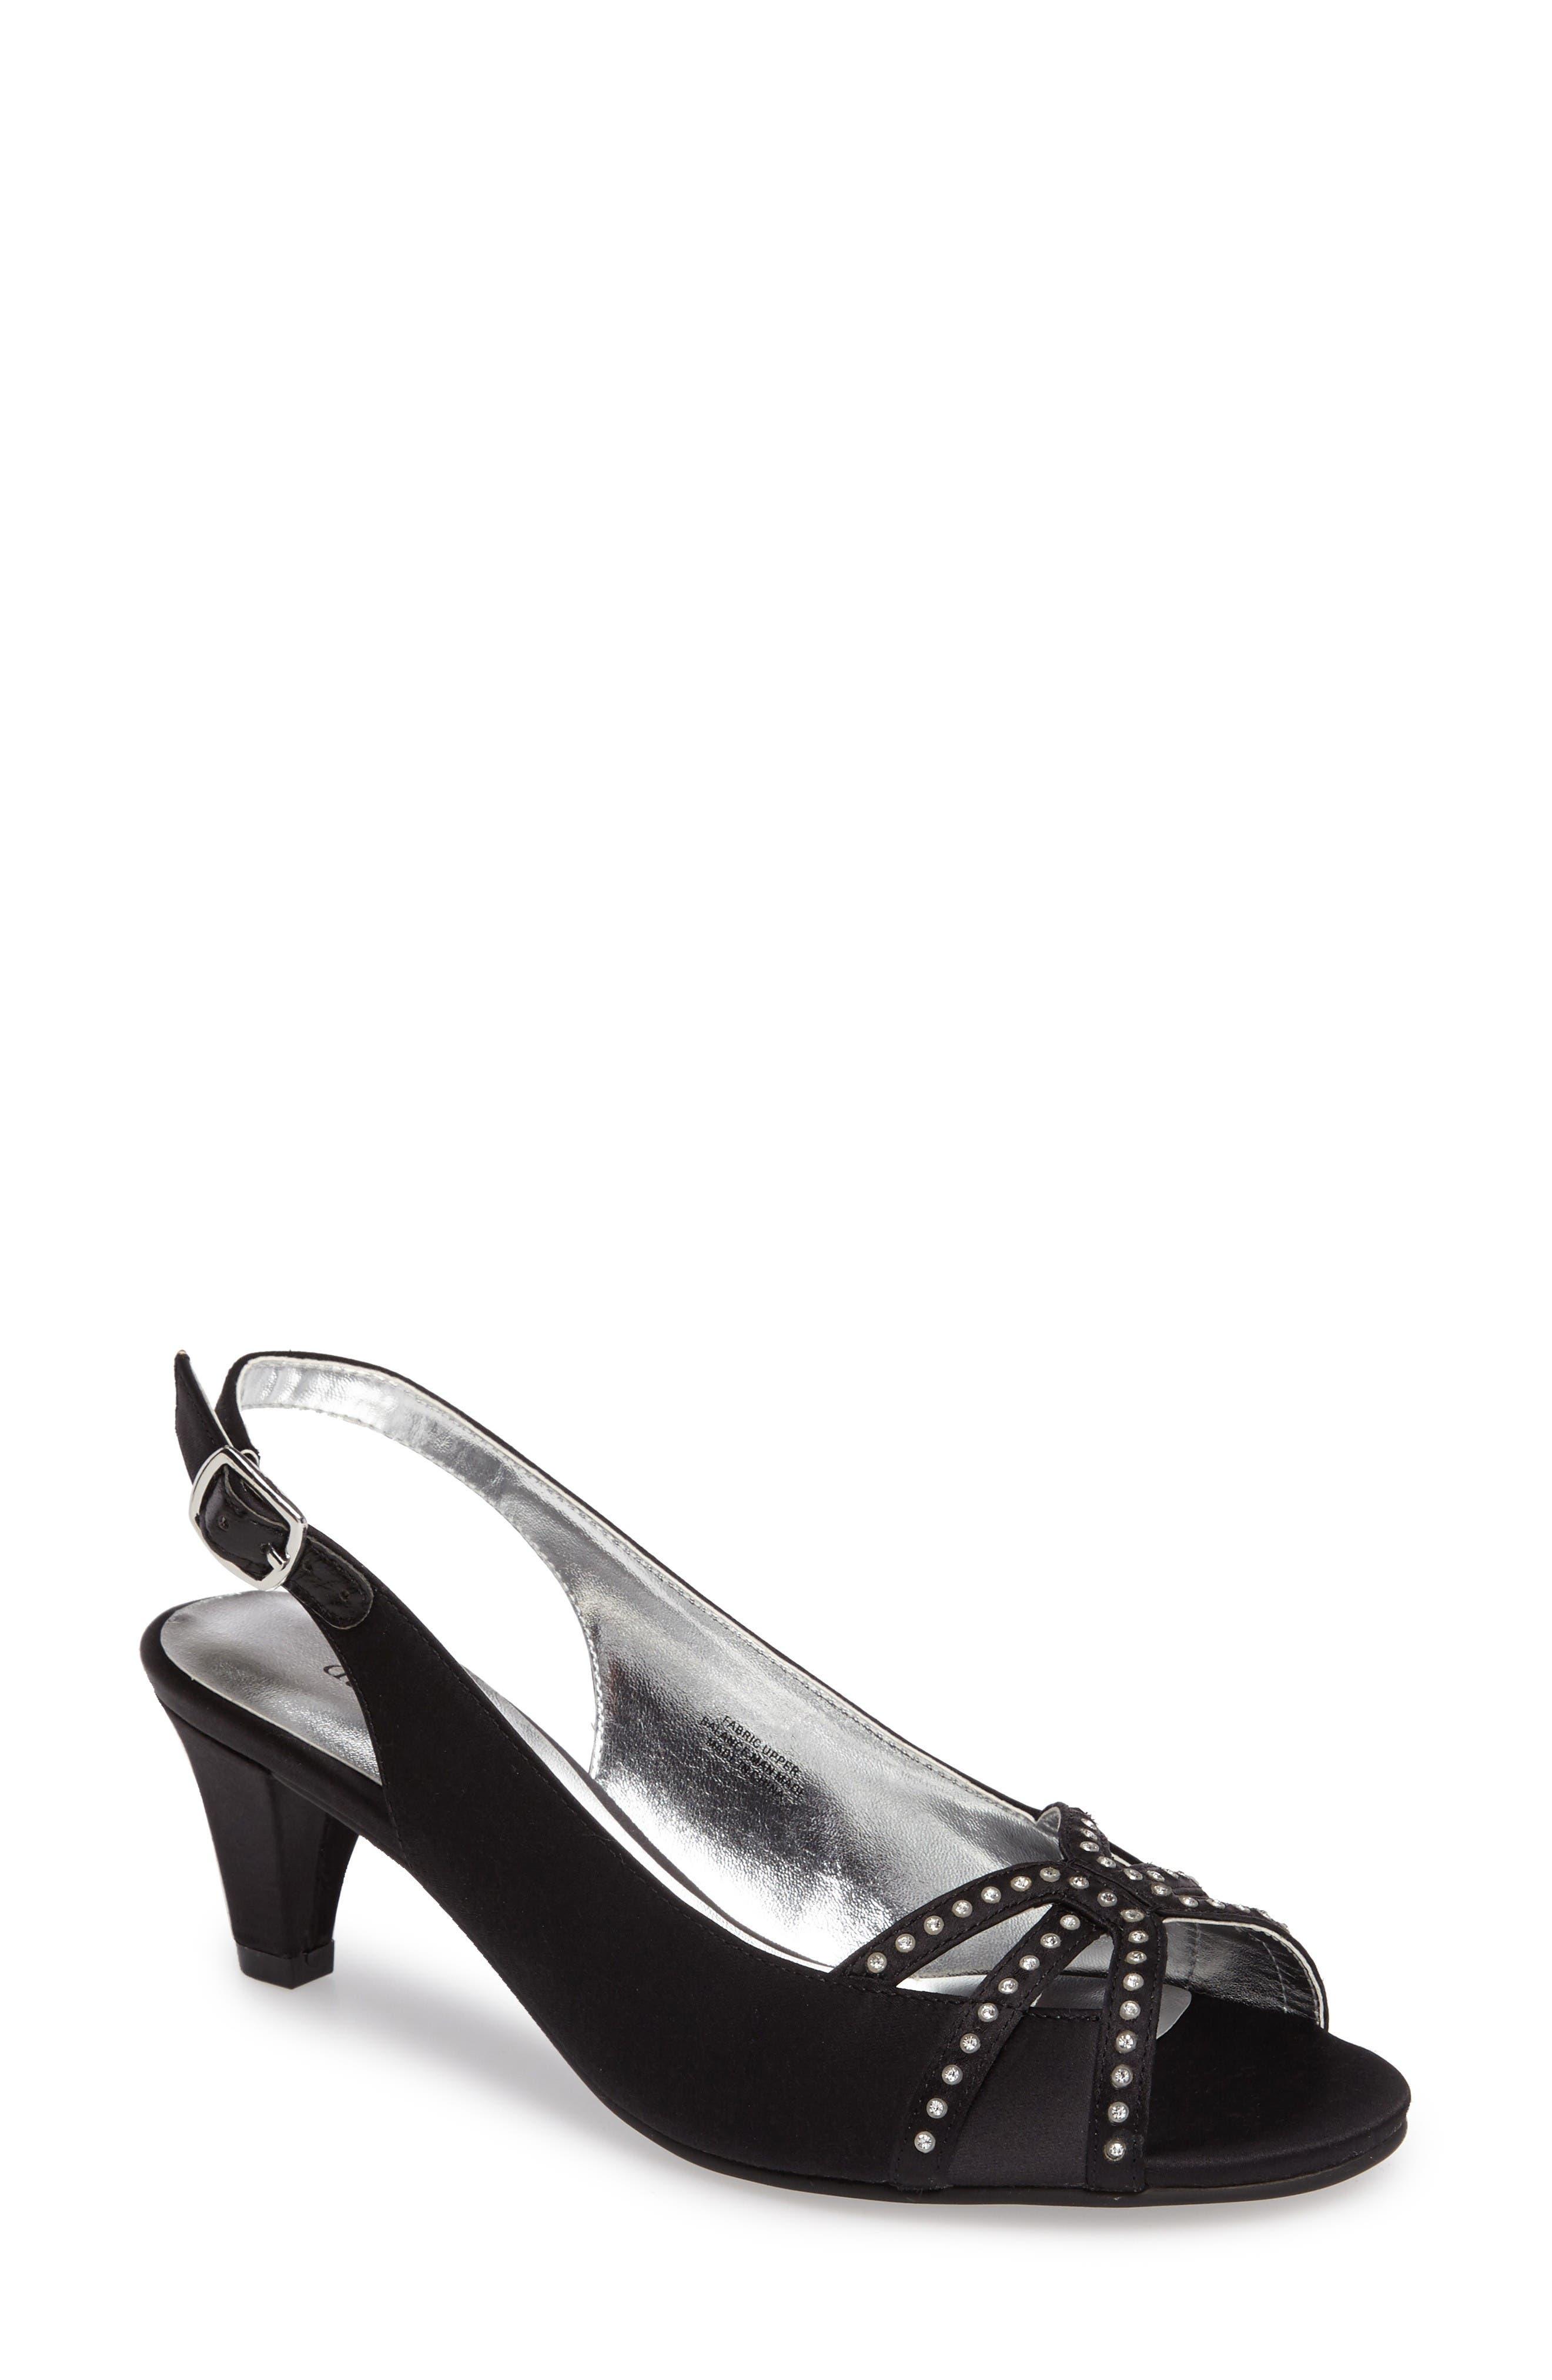 Regal Embellished Slingback Sandal,                             Main thumbnail 1, color,                             Black Fabric